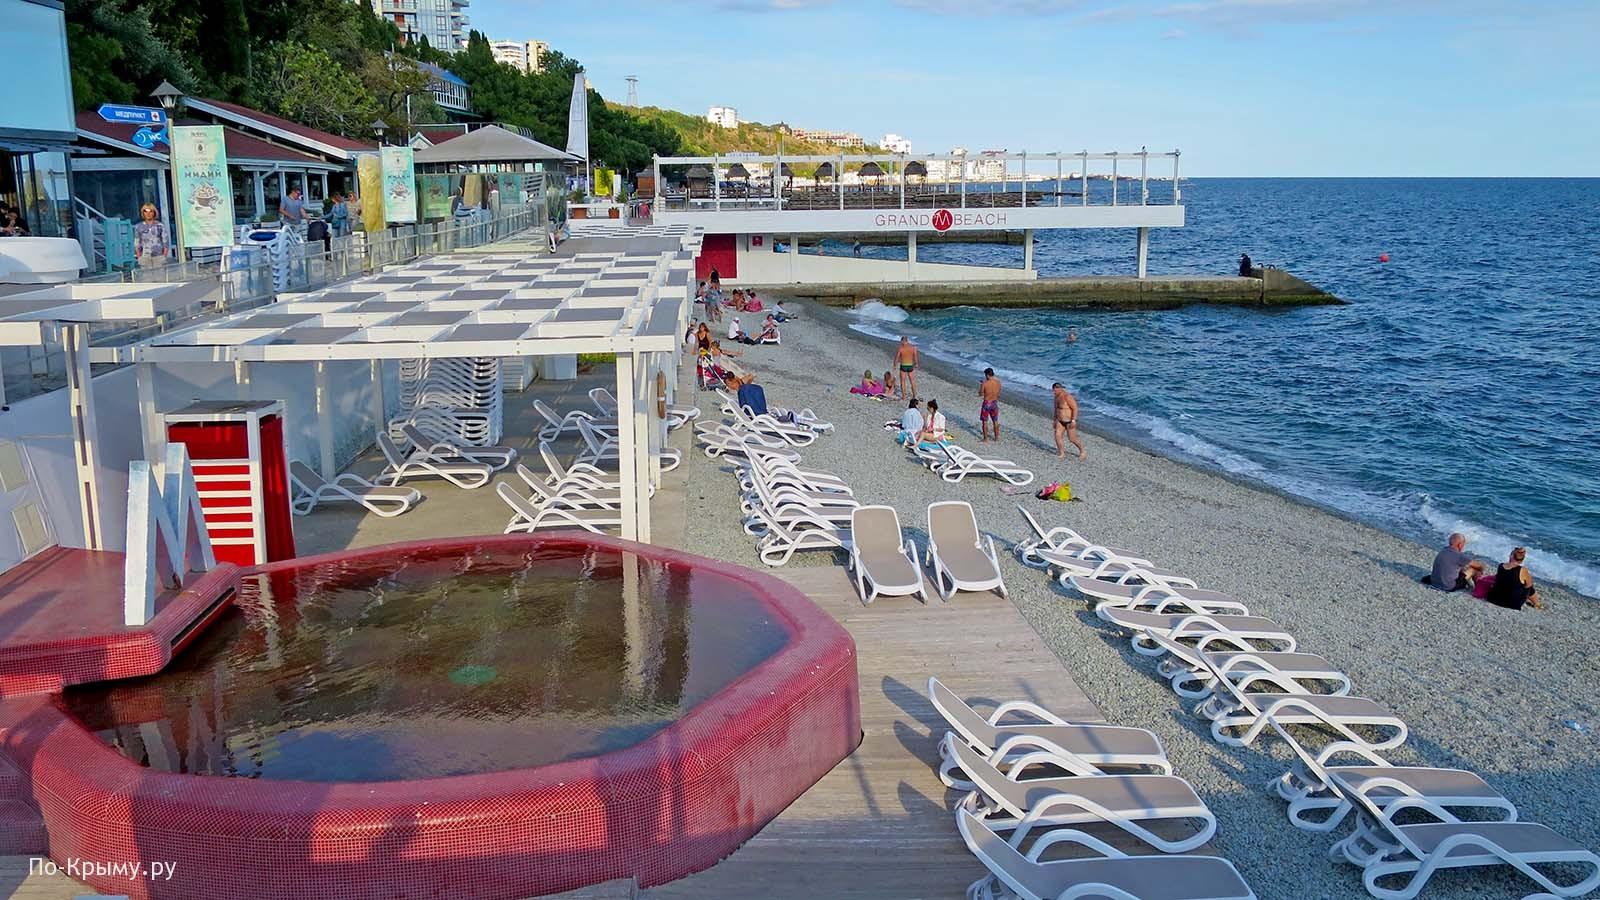 Пляжный клуб Grand M Beach